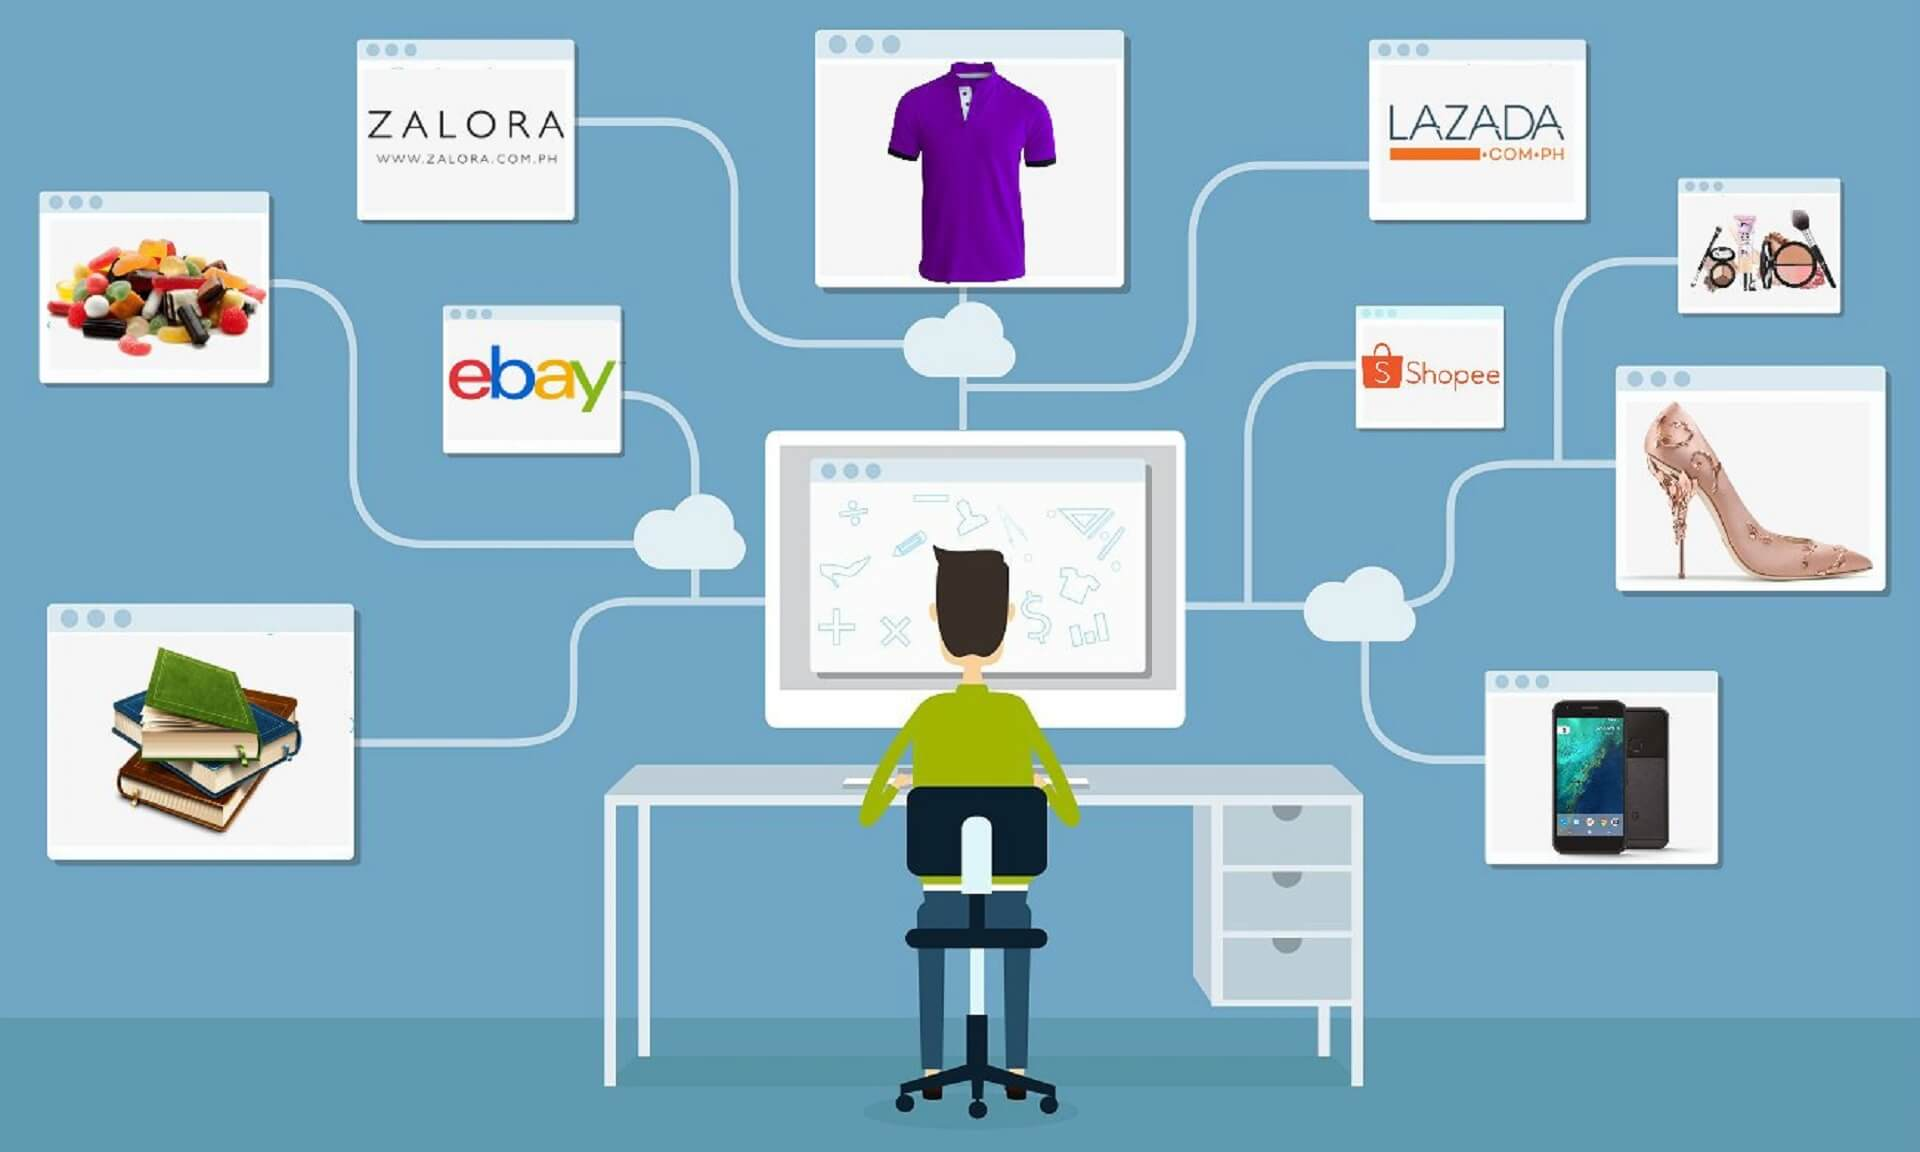 Khơi gợi nhu cầu của khách hàngmột cách hiệu quả